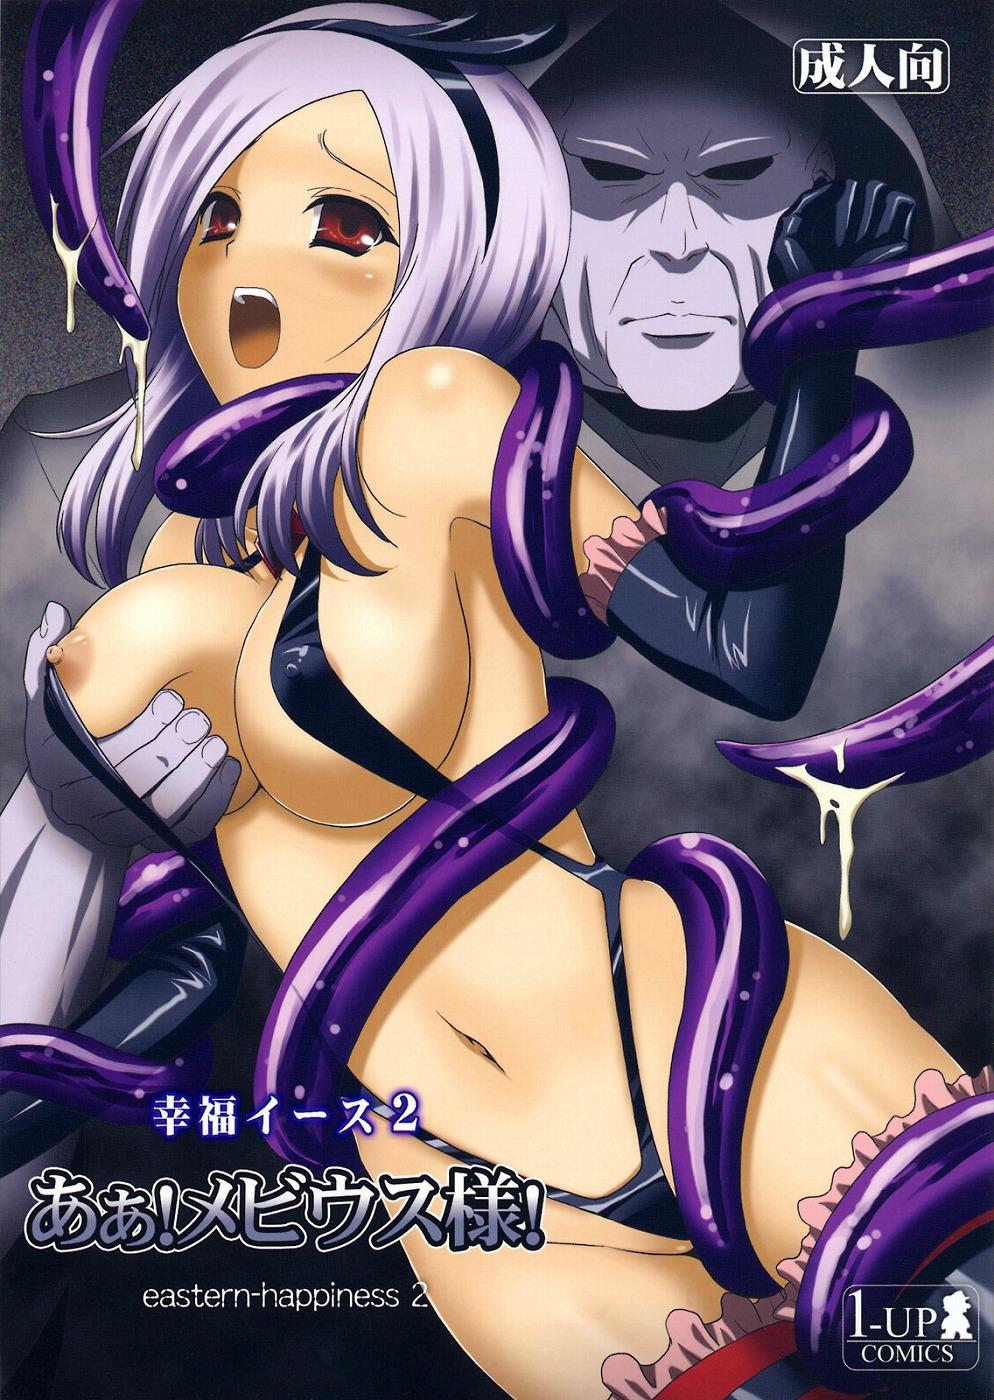 膣内発射!強力な力を得るためにはザーメンの力必須www【エロ漫画・プリキュア /C77】